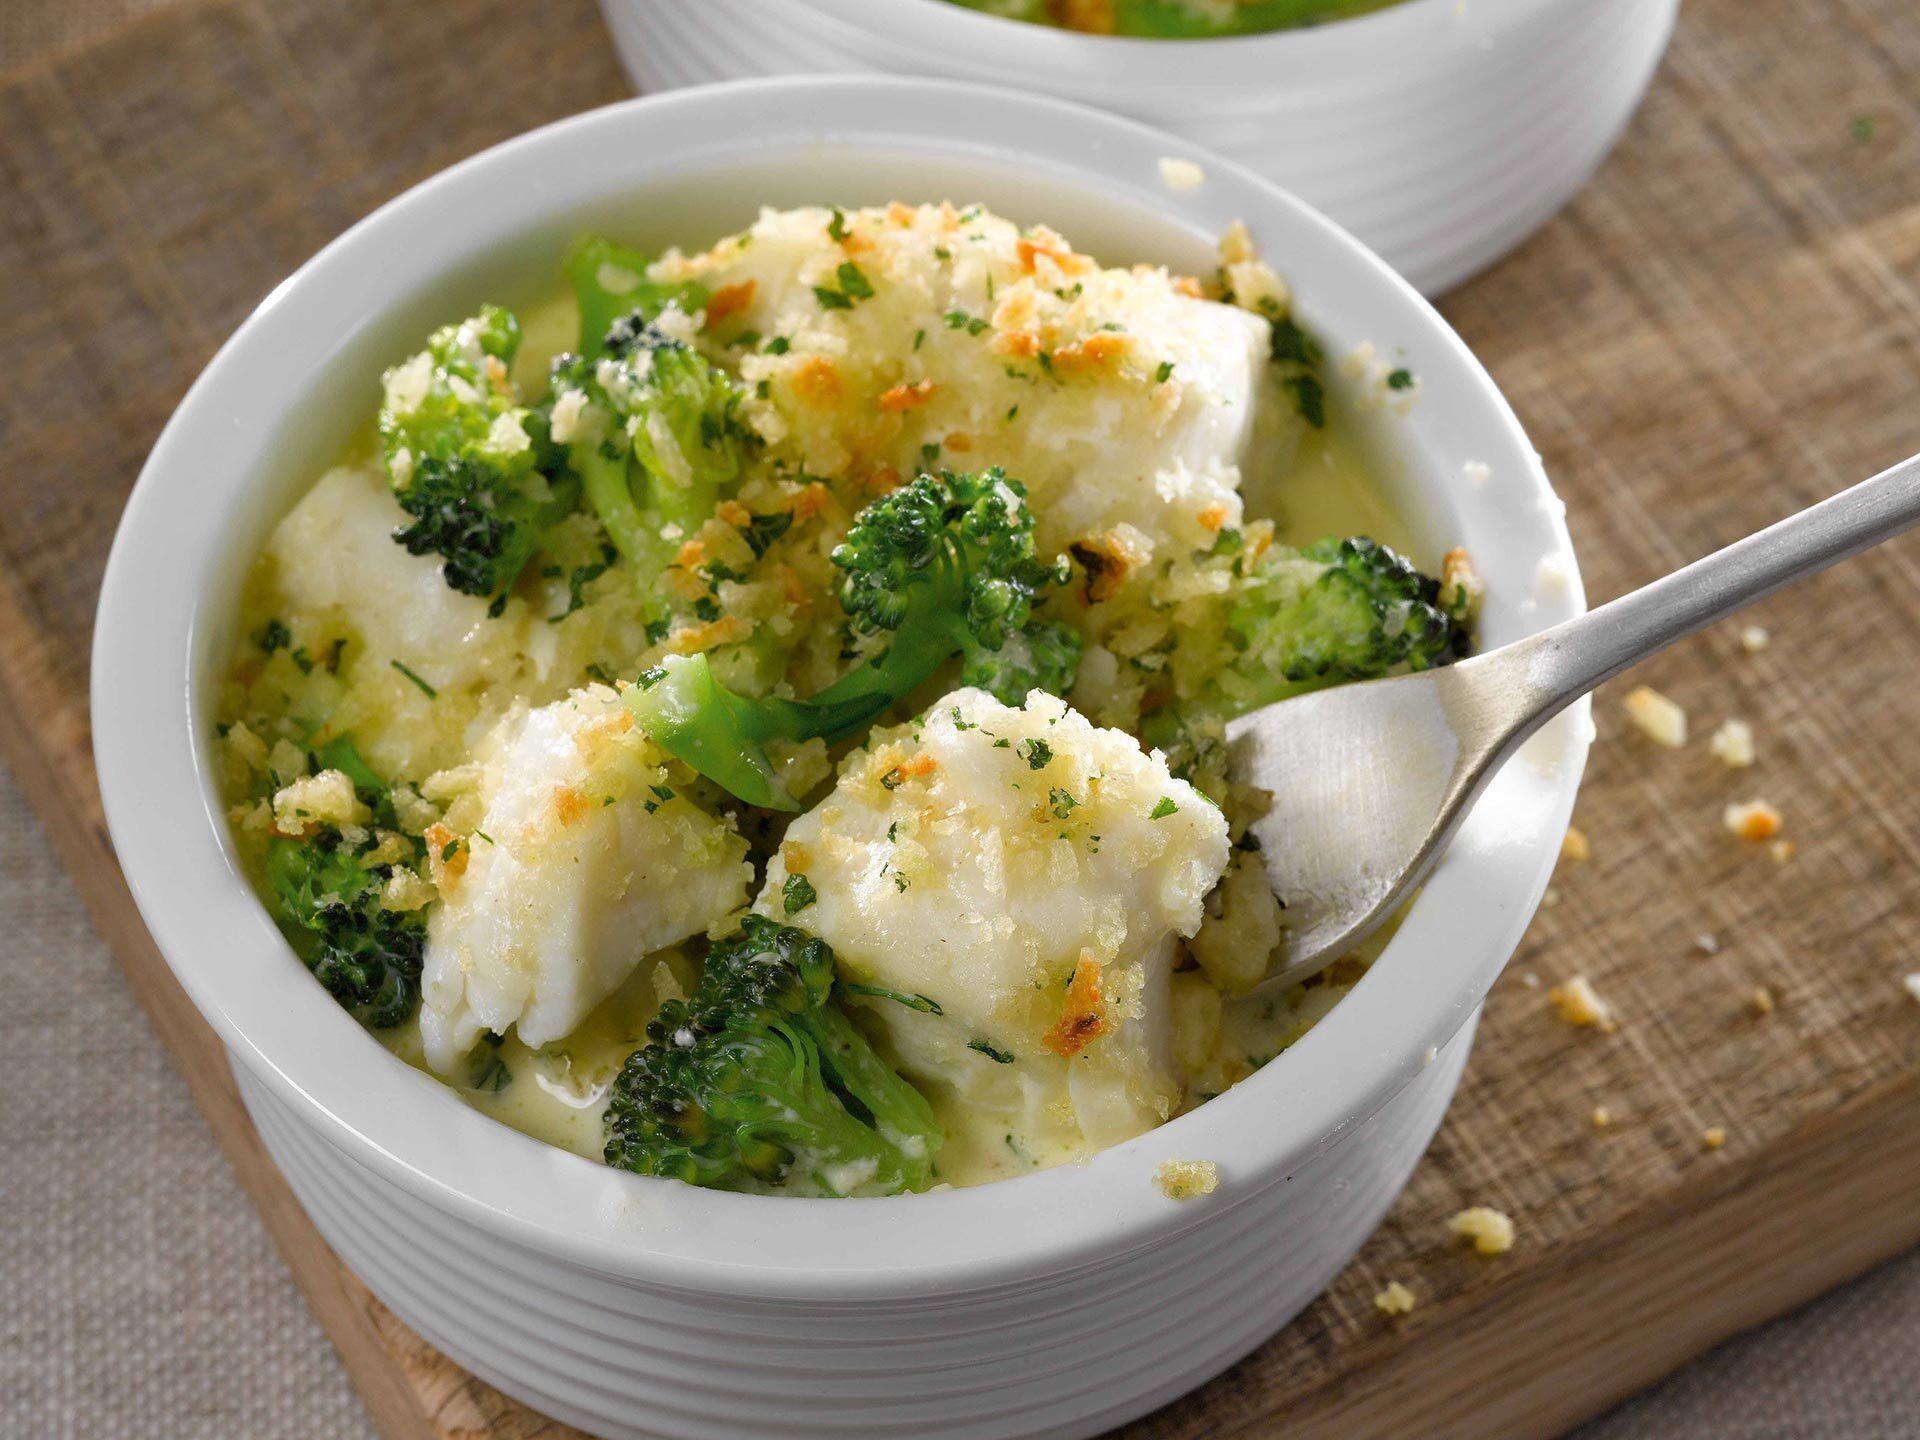 Hake, Broccoli and Cheddar Cheese Bake